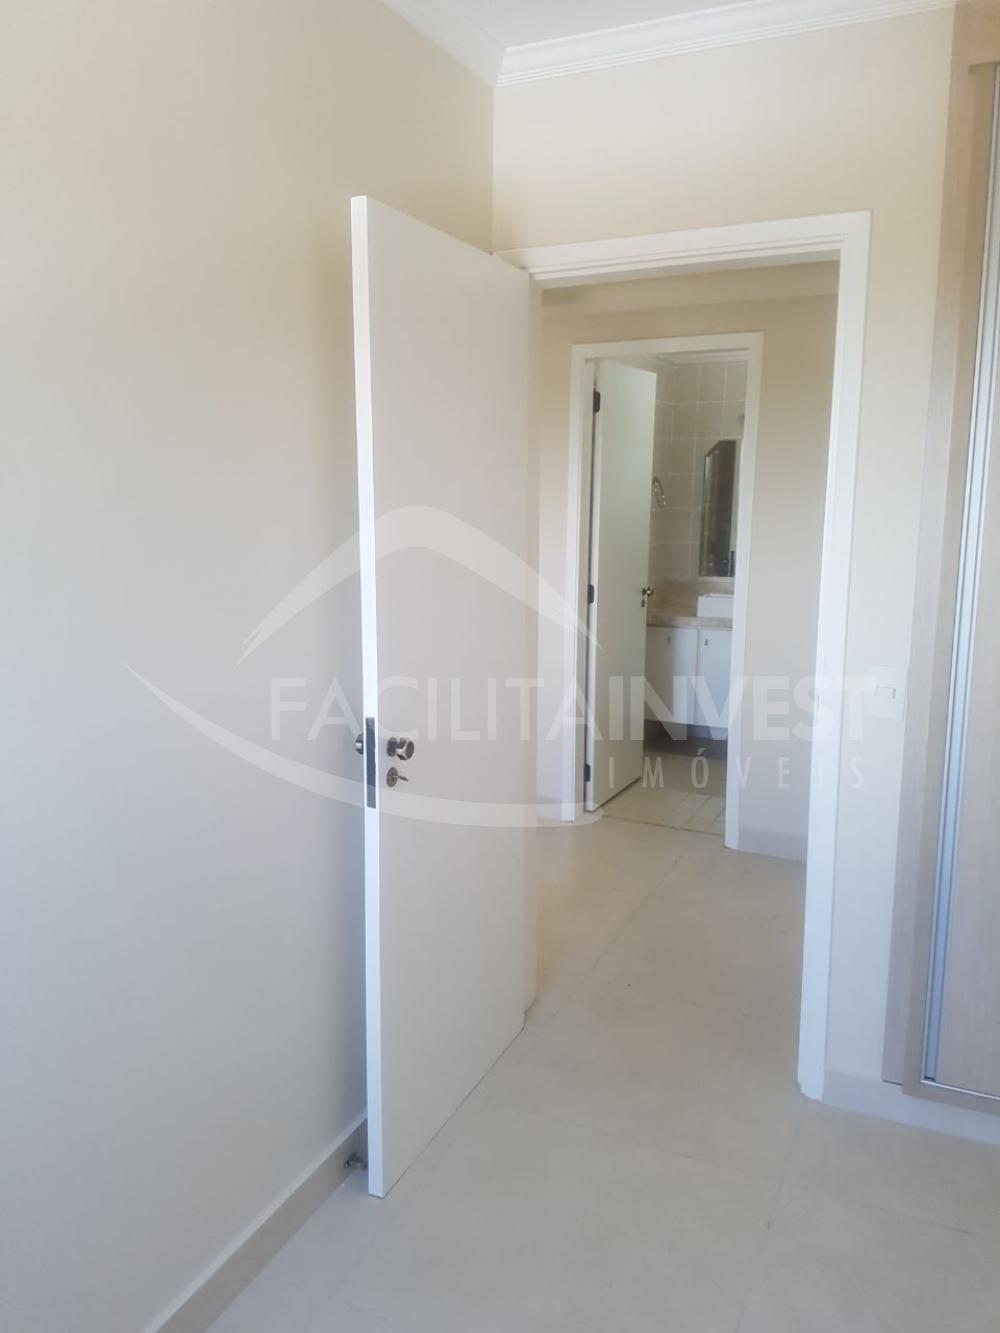 Comprar Apartamentos / Apart. Padrão em Ribeirão Preto apenas R$ 400.000,00 - Foto 8